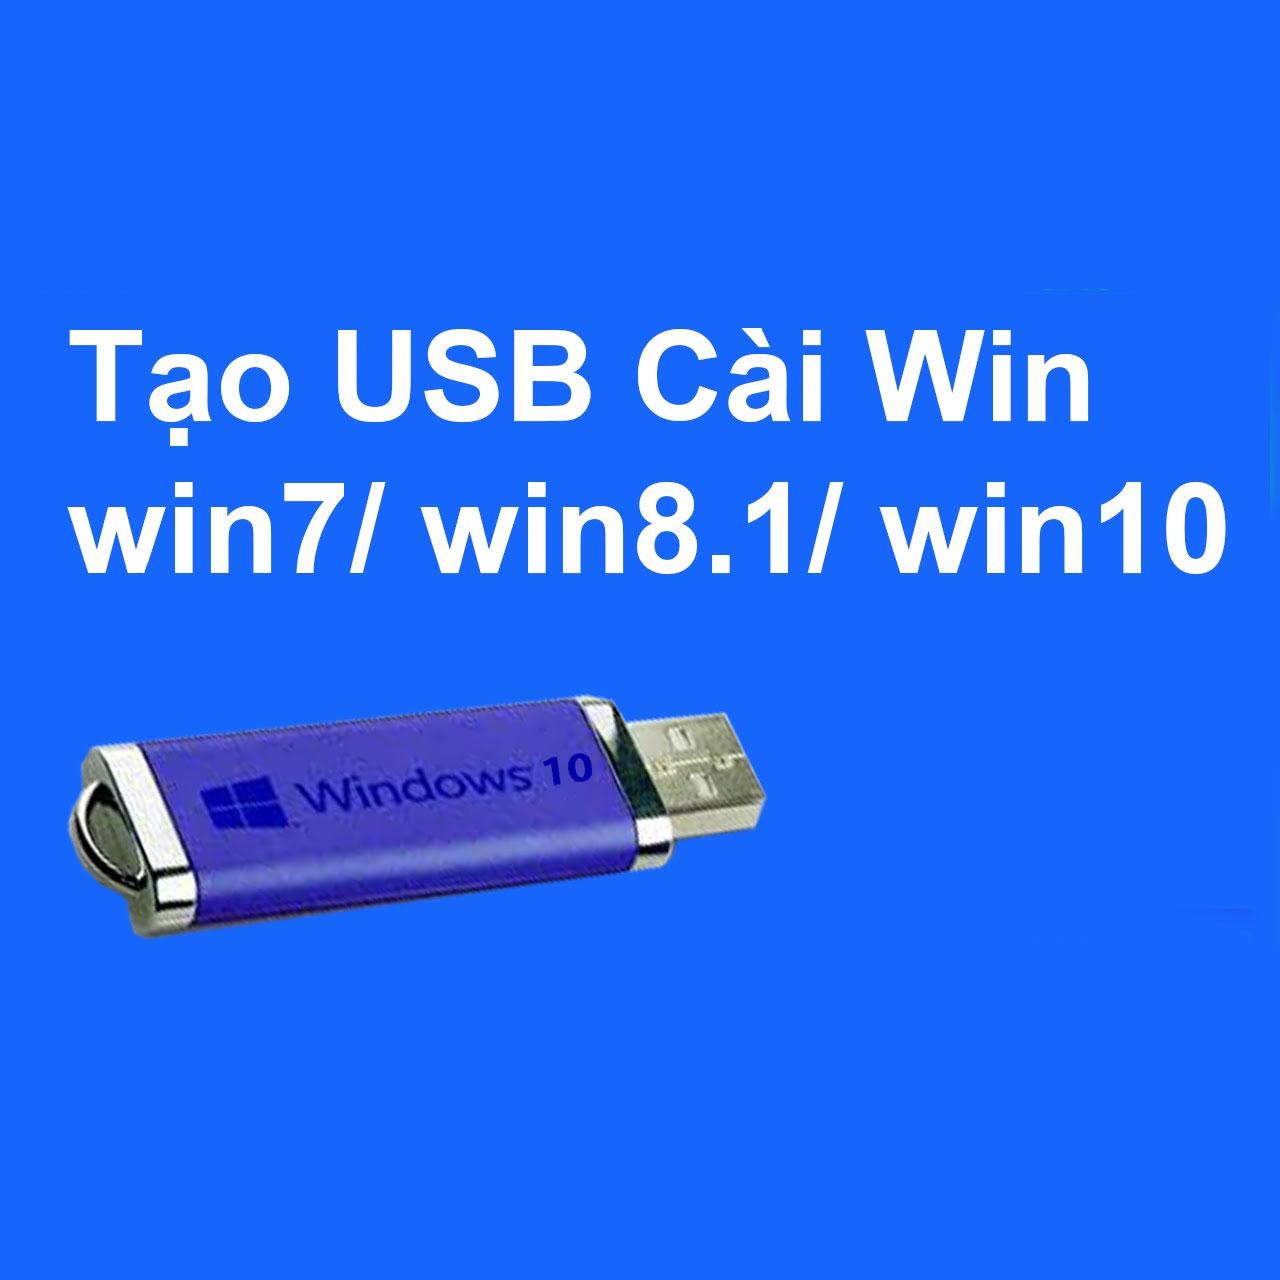 Tạo usb cài win trên cả 2 chuẩn Legacy và UEFI - laptop cũ